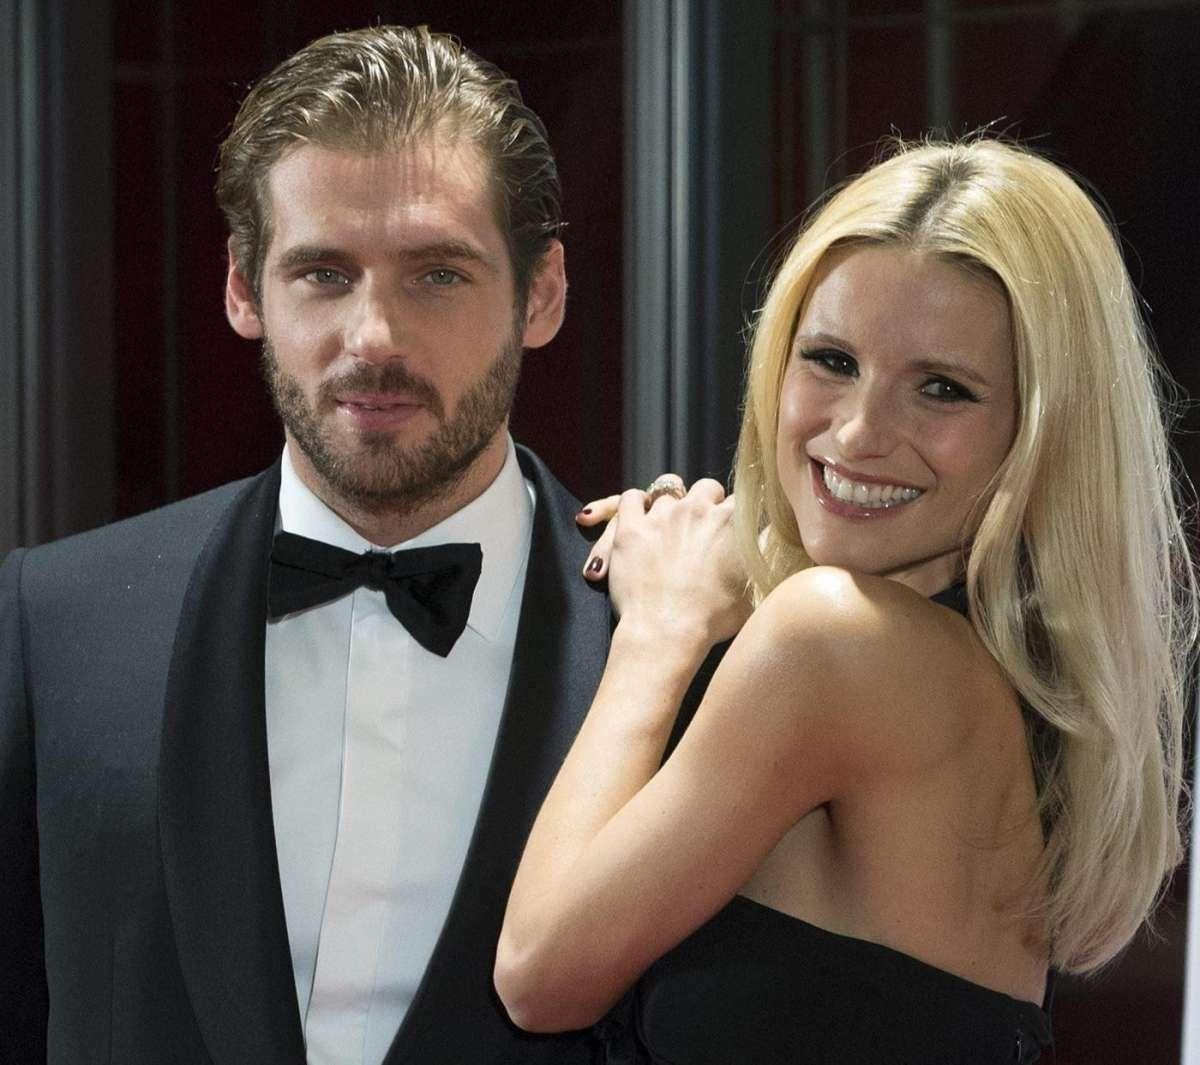 Michelle Hunziker e Tomaso Trussardi, matrimonio in crisi? Lite furiosa in auto